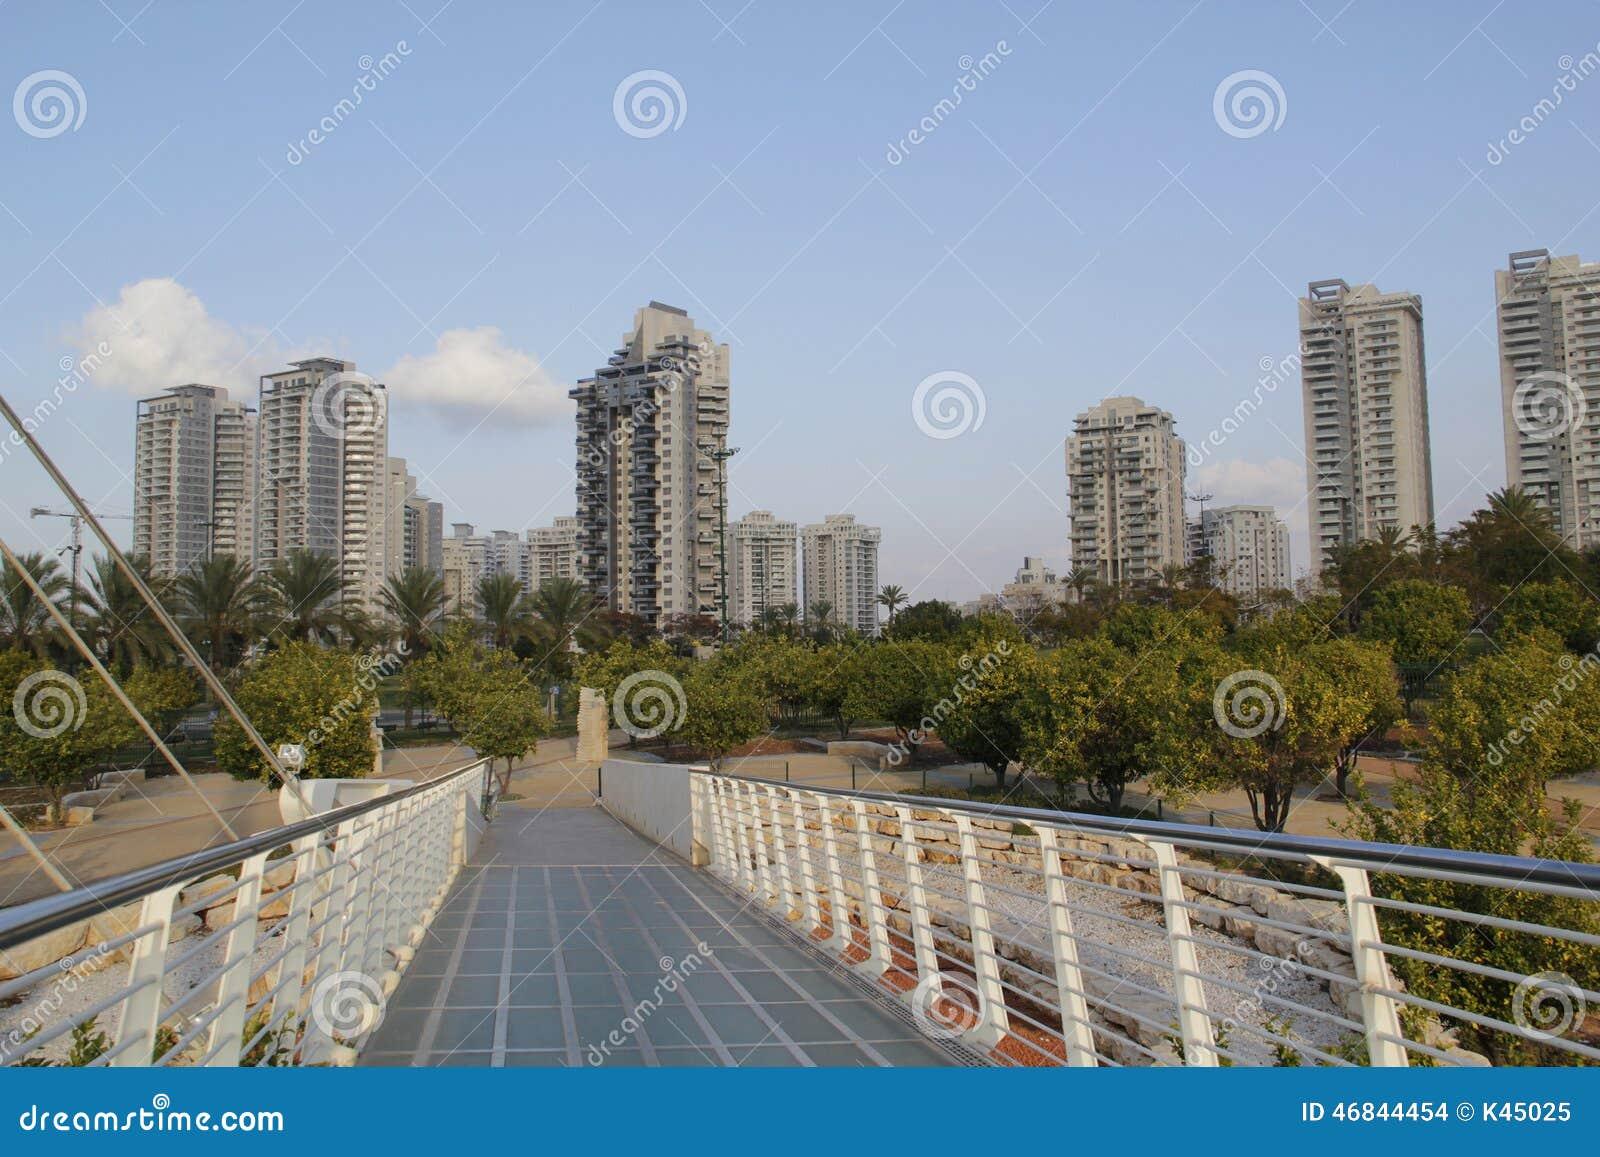 Edificios residenciales de gran altura